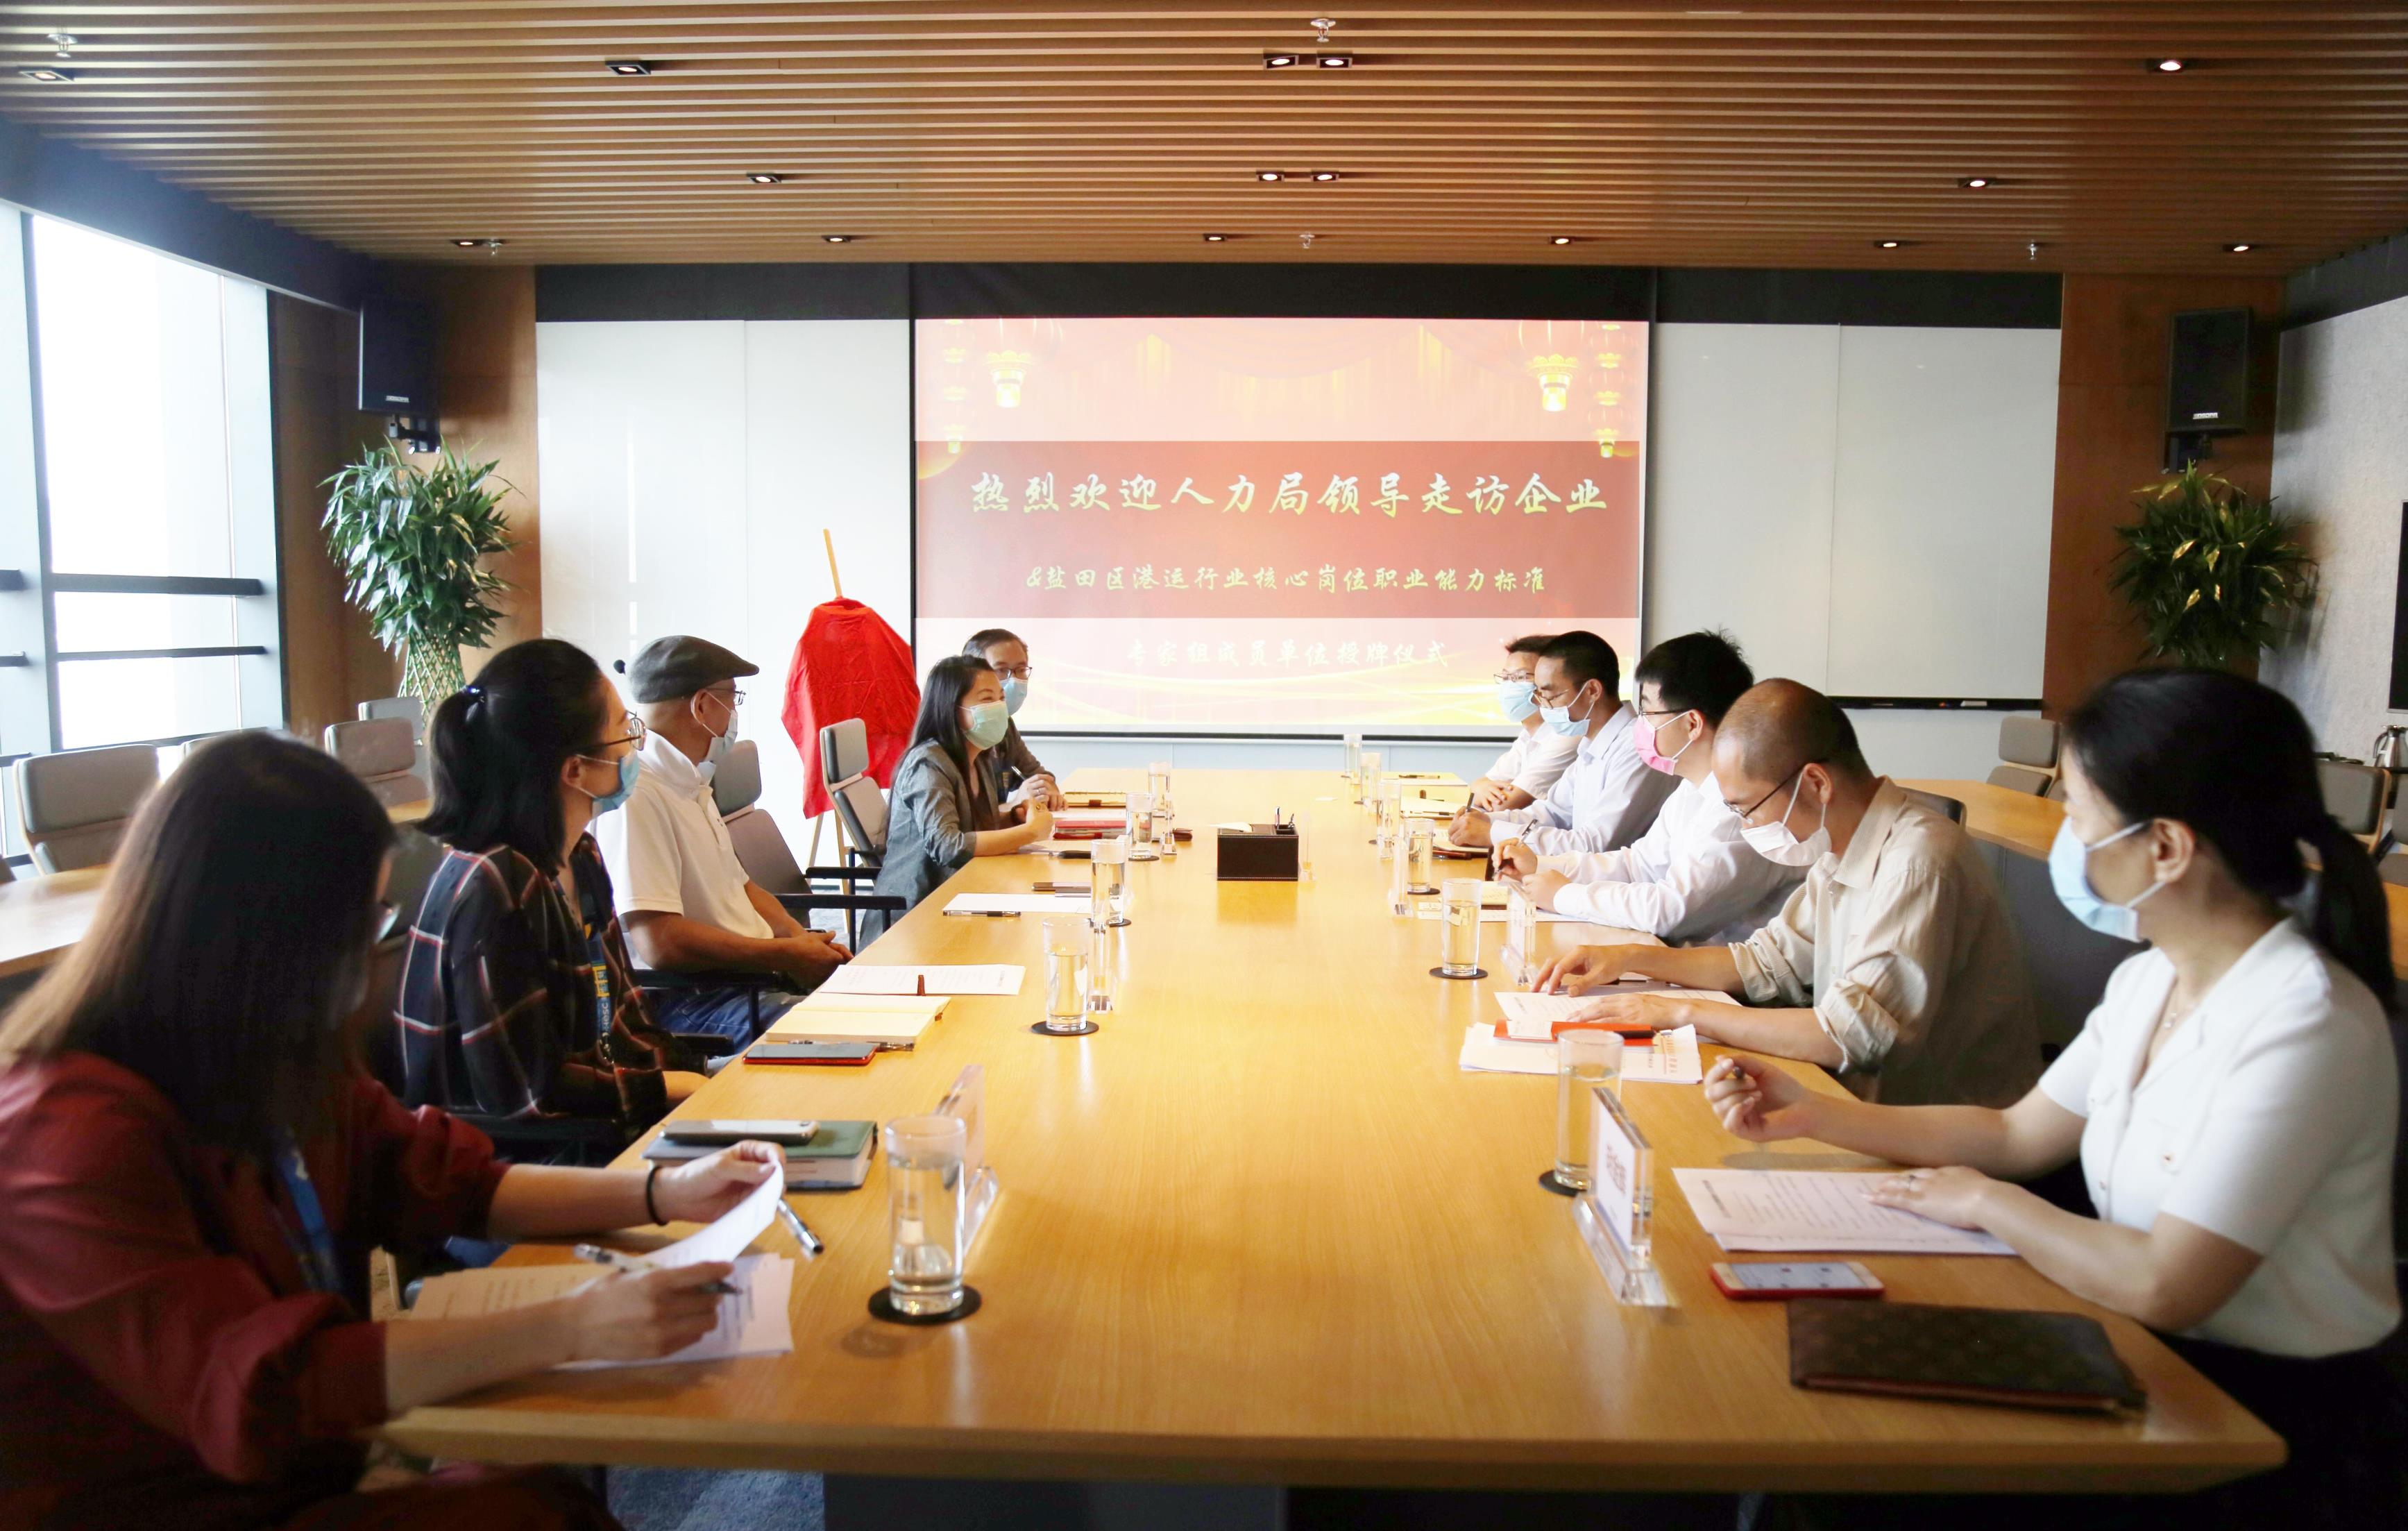 盐田区人力局领导调研海格物流 促进企业和谐发展